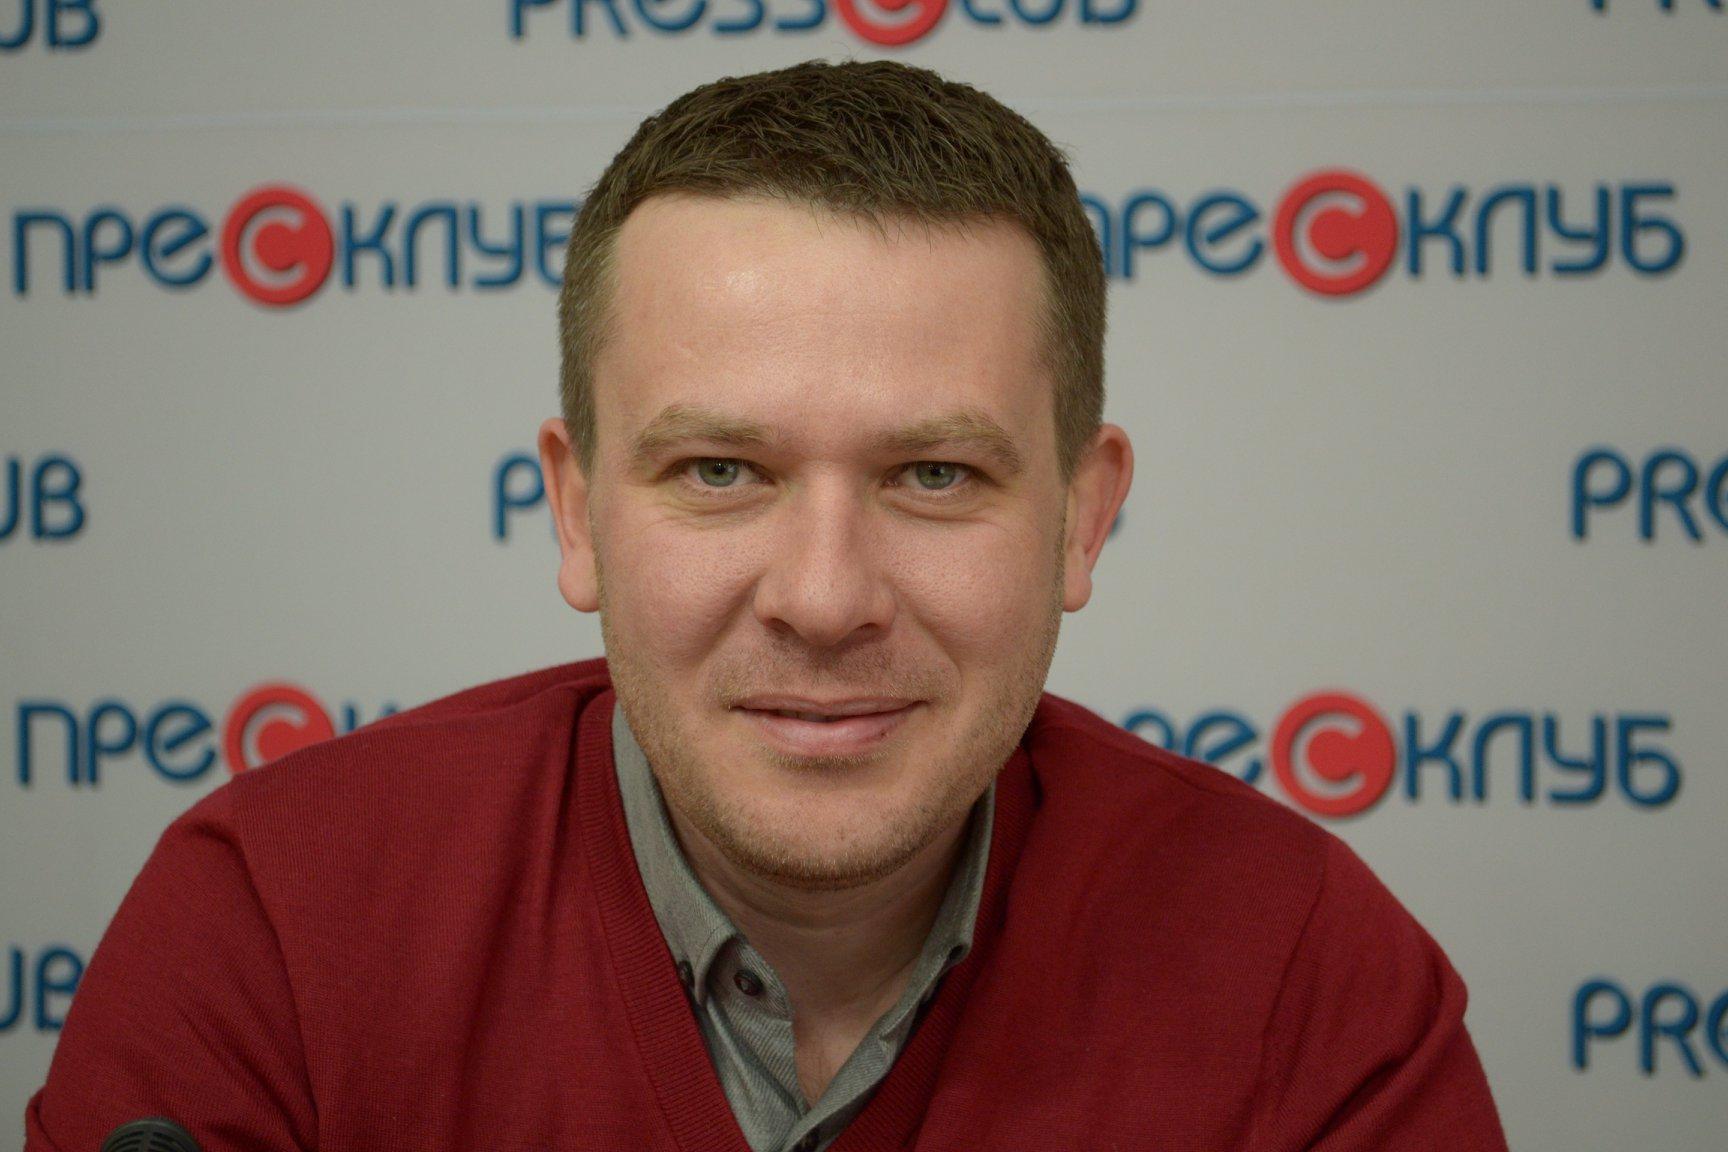 Крулько Іван (фото: фейсбук)